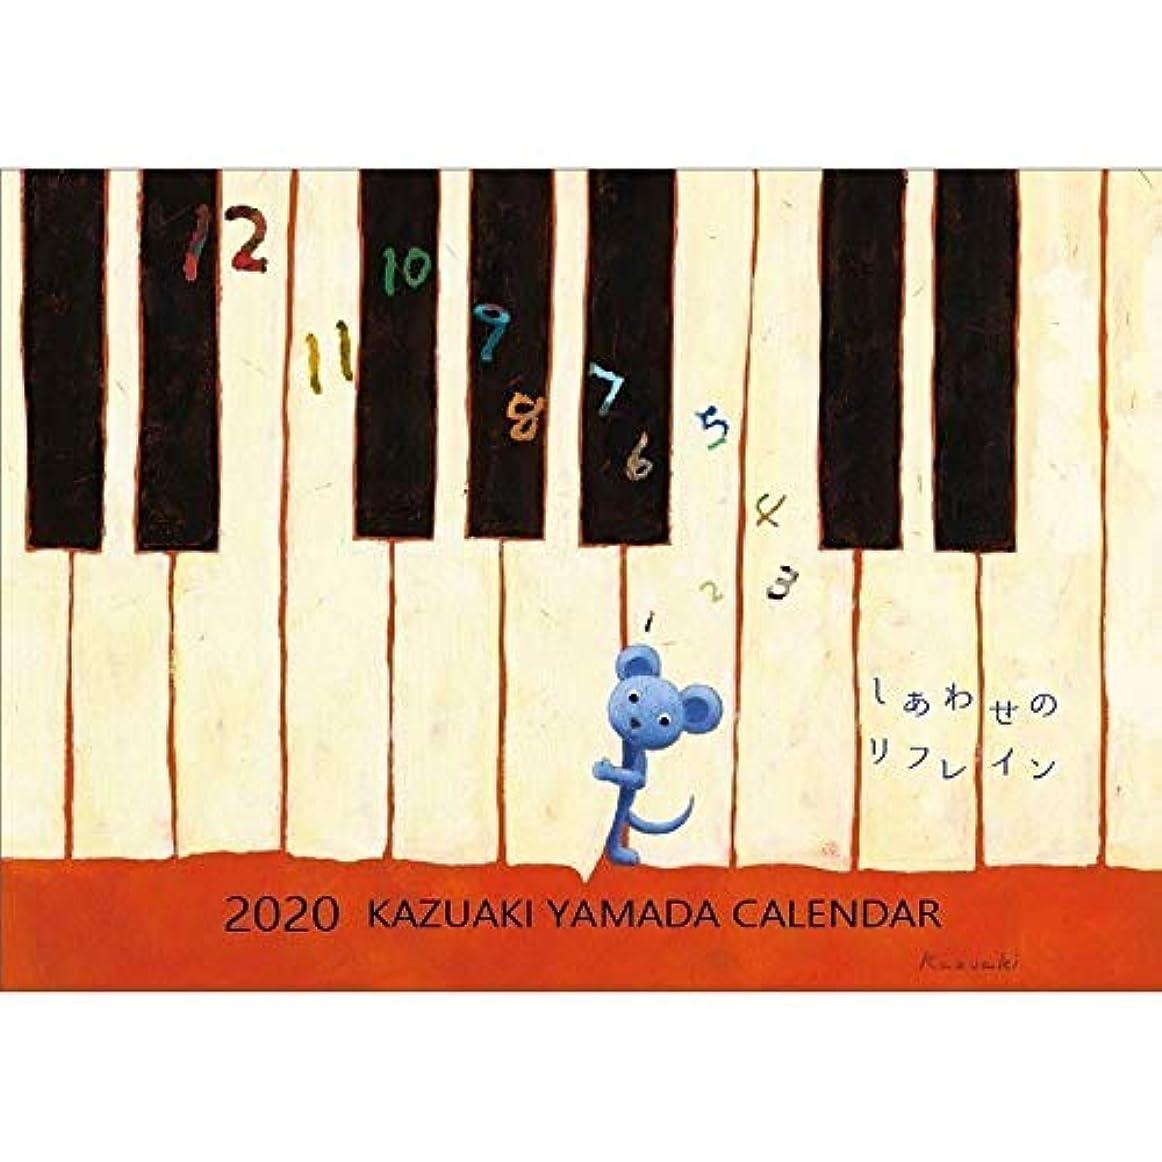 変換する大学理論的山田和明カレンダー 『しあわせのリフレイン』 2020カレンダー CL-525